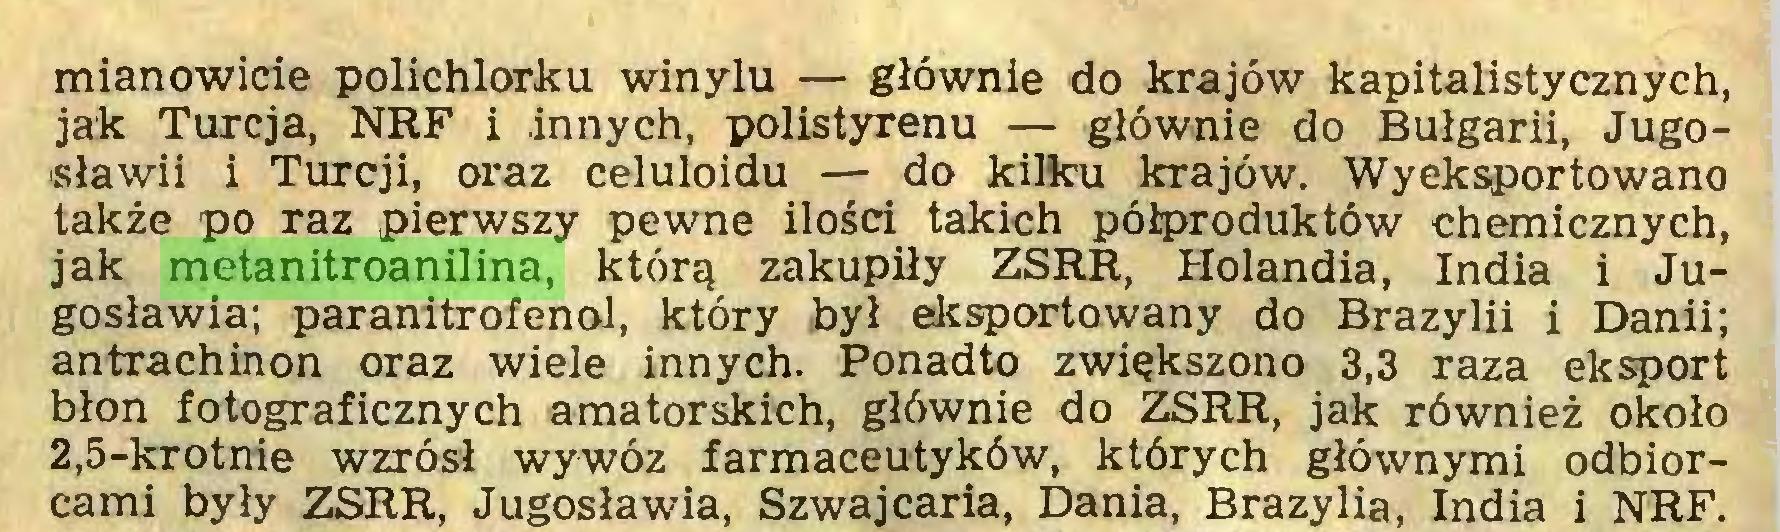 (...) mianowicie polichlorku winylu — głównie do krajów kapitalistycznych, jak Turcja, NRF i innych, polistyrenu — głównie do Bułgarii, Jugosławii i Turcji, oraz celuloidu — do kilku krajów. Wyeksportowano także po raz pierwszy pewne ilości takich półproduktów chemicznych, jak metanitroanilina, którą zakupiły ZSRR, Holandia, India i Jugosławia; paranitrofenol, który był eksportowany do Brazylii i Danii; antrachinon oraz wiele innych. Ponadto zwiększono 3,3 raza eksport błon fotograficznych amatorskich, głównie do ZSRR, jak również około 2,5-krotnie wzrósł wywóz farmaceutyków, których głównymi odbiorcami były ZSRR, Jugosławia, Szwajcaria, Dania, Brazylia, India i NRF...